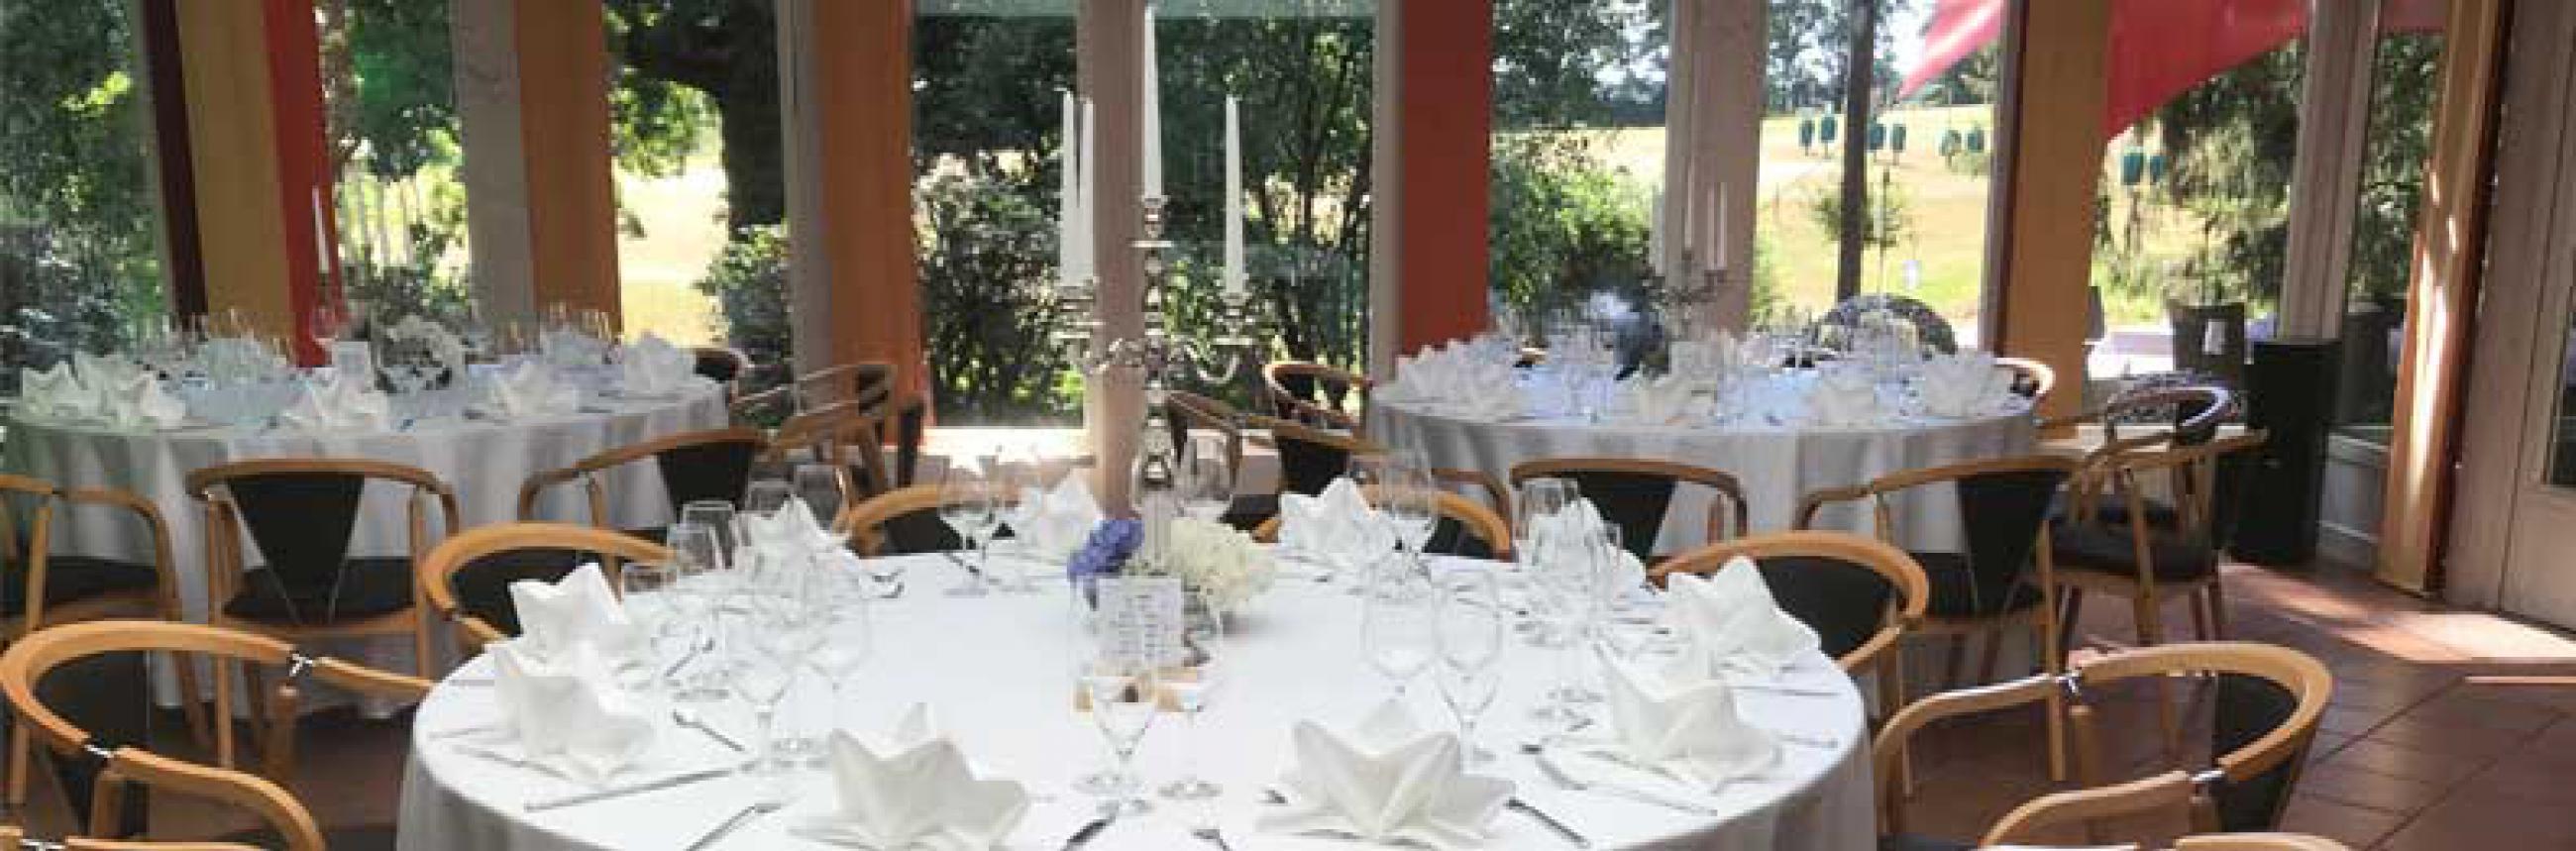 Veranstaltung Restaurant